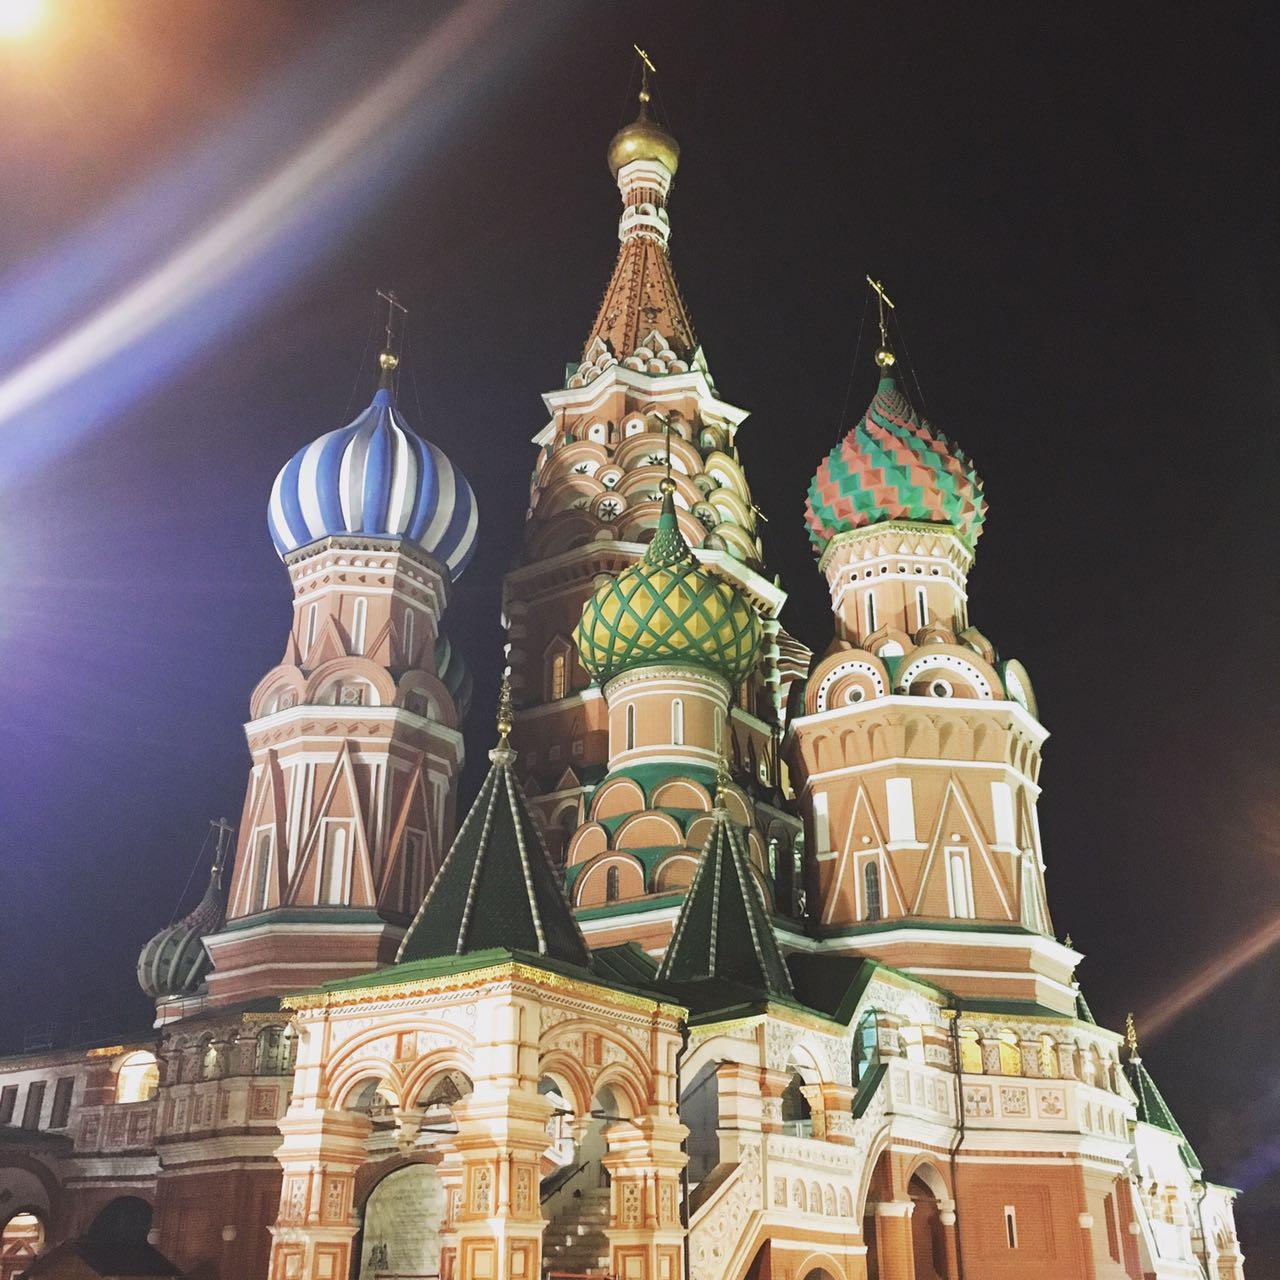 Gaiole in Chianti sbarca a Mosca